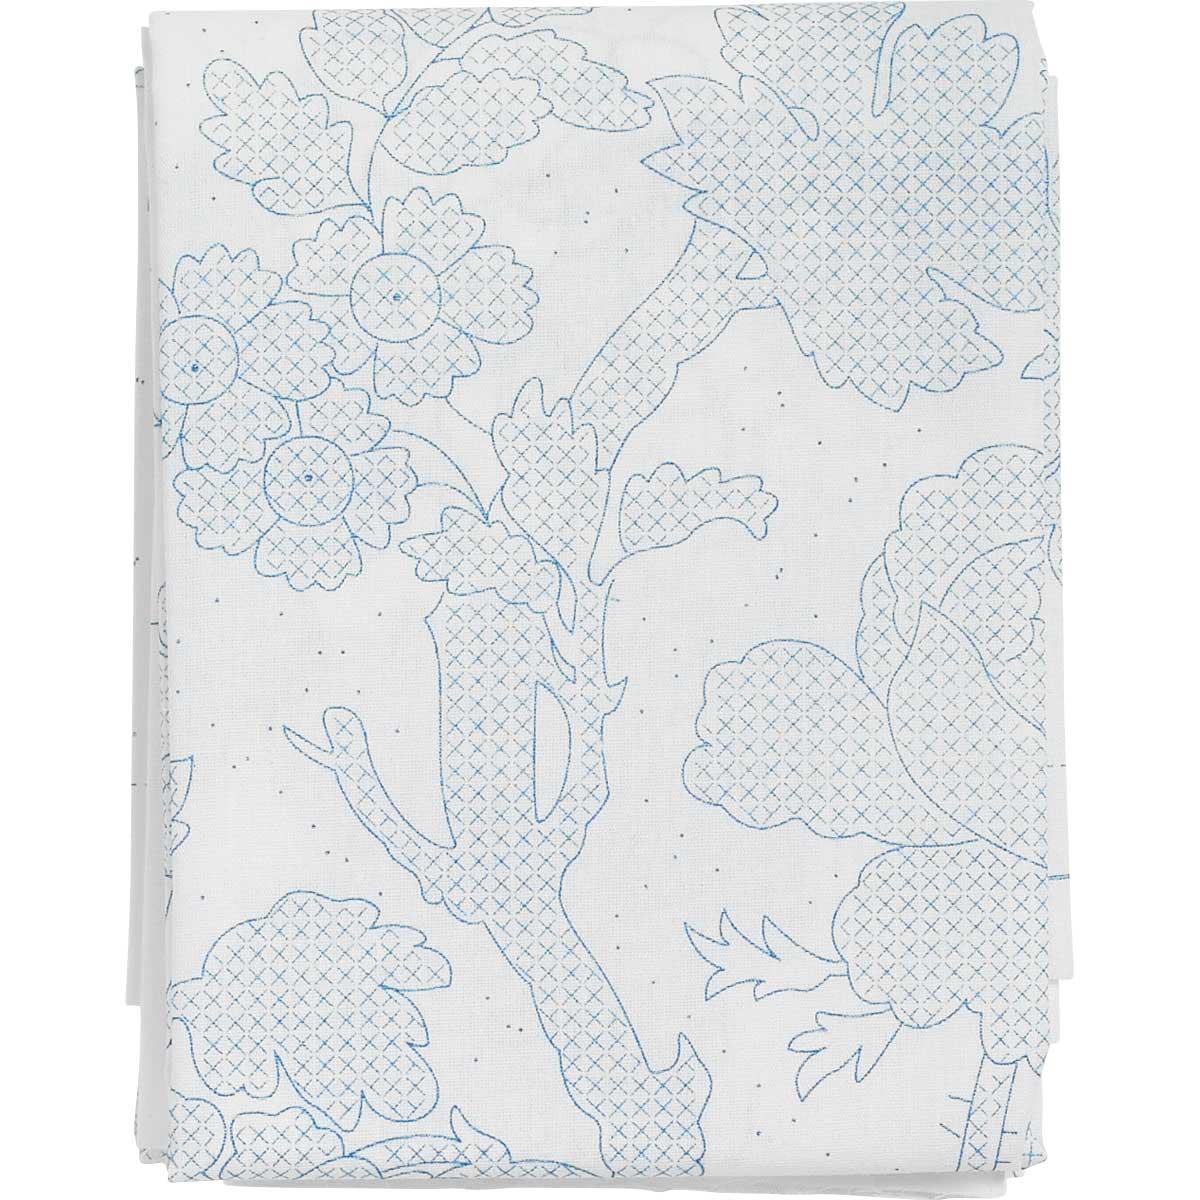 Bucilla ® Waverly ® Charleston Chirp Collection Stamped Quilt Blocks